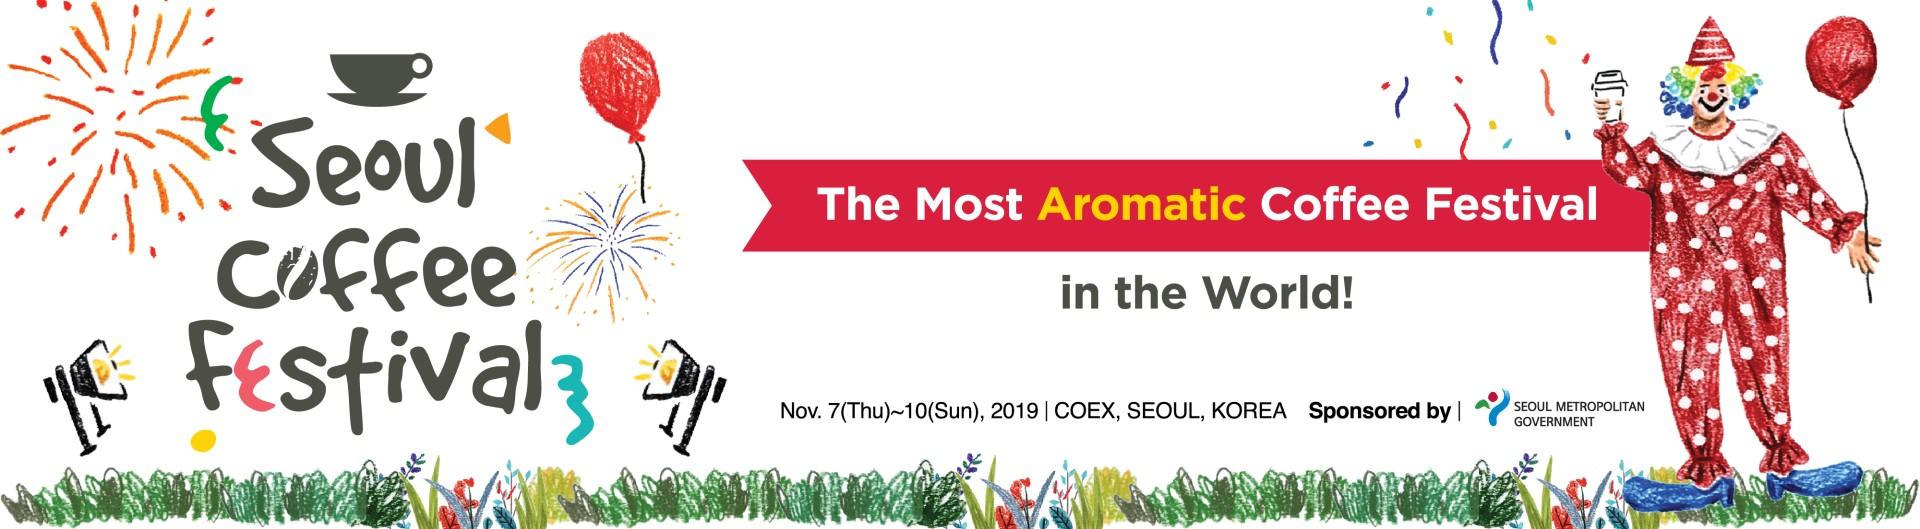 Seoul International Cafe Show - Asia's No 1 Coffee Event